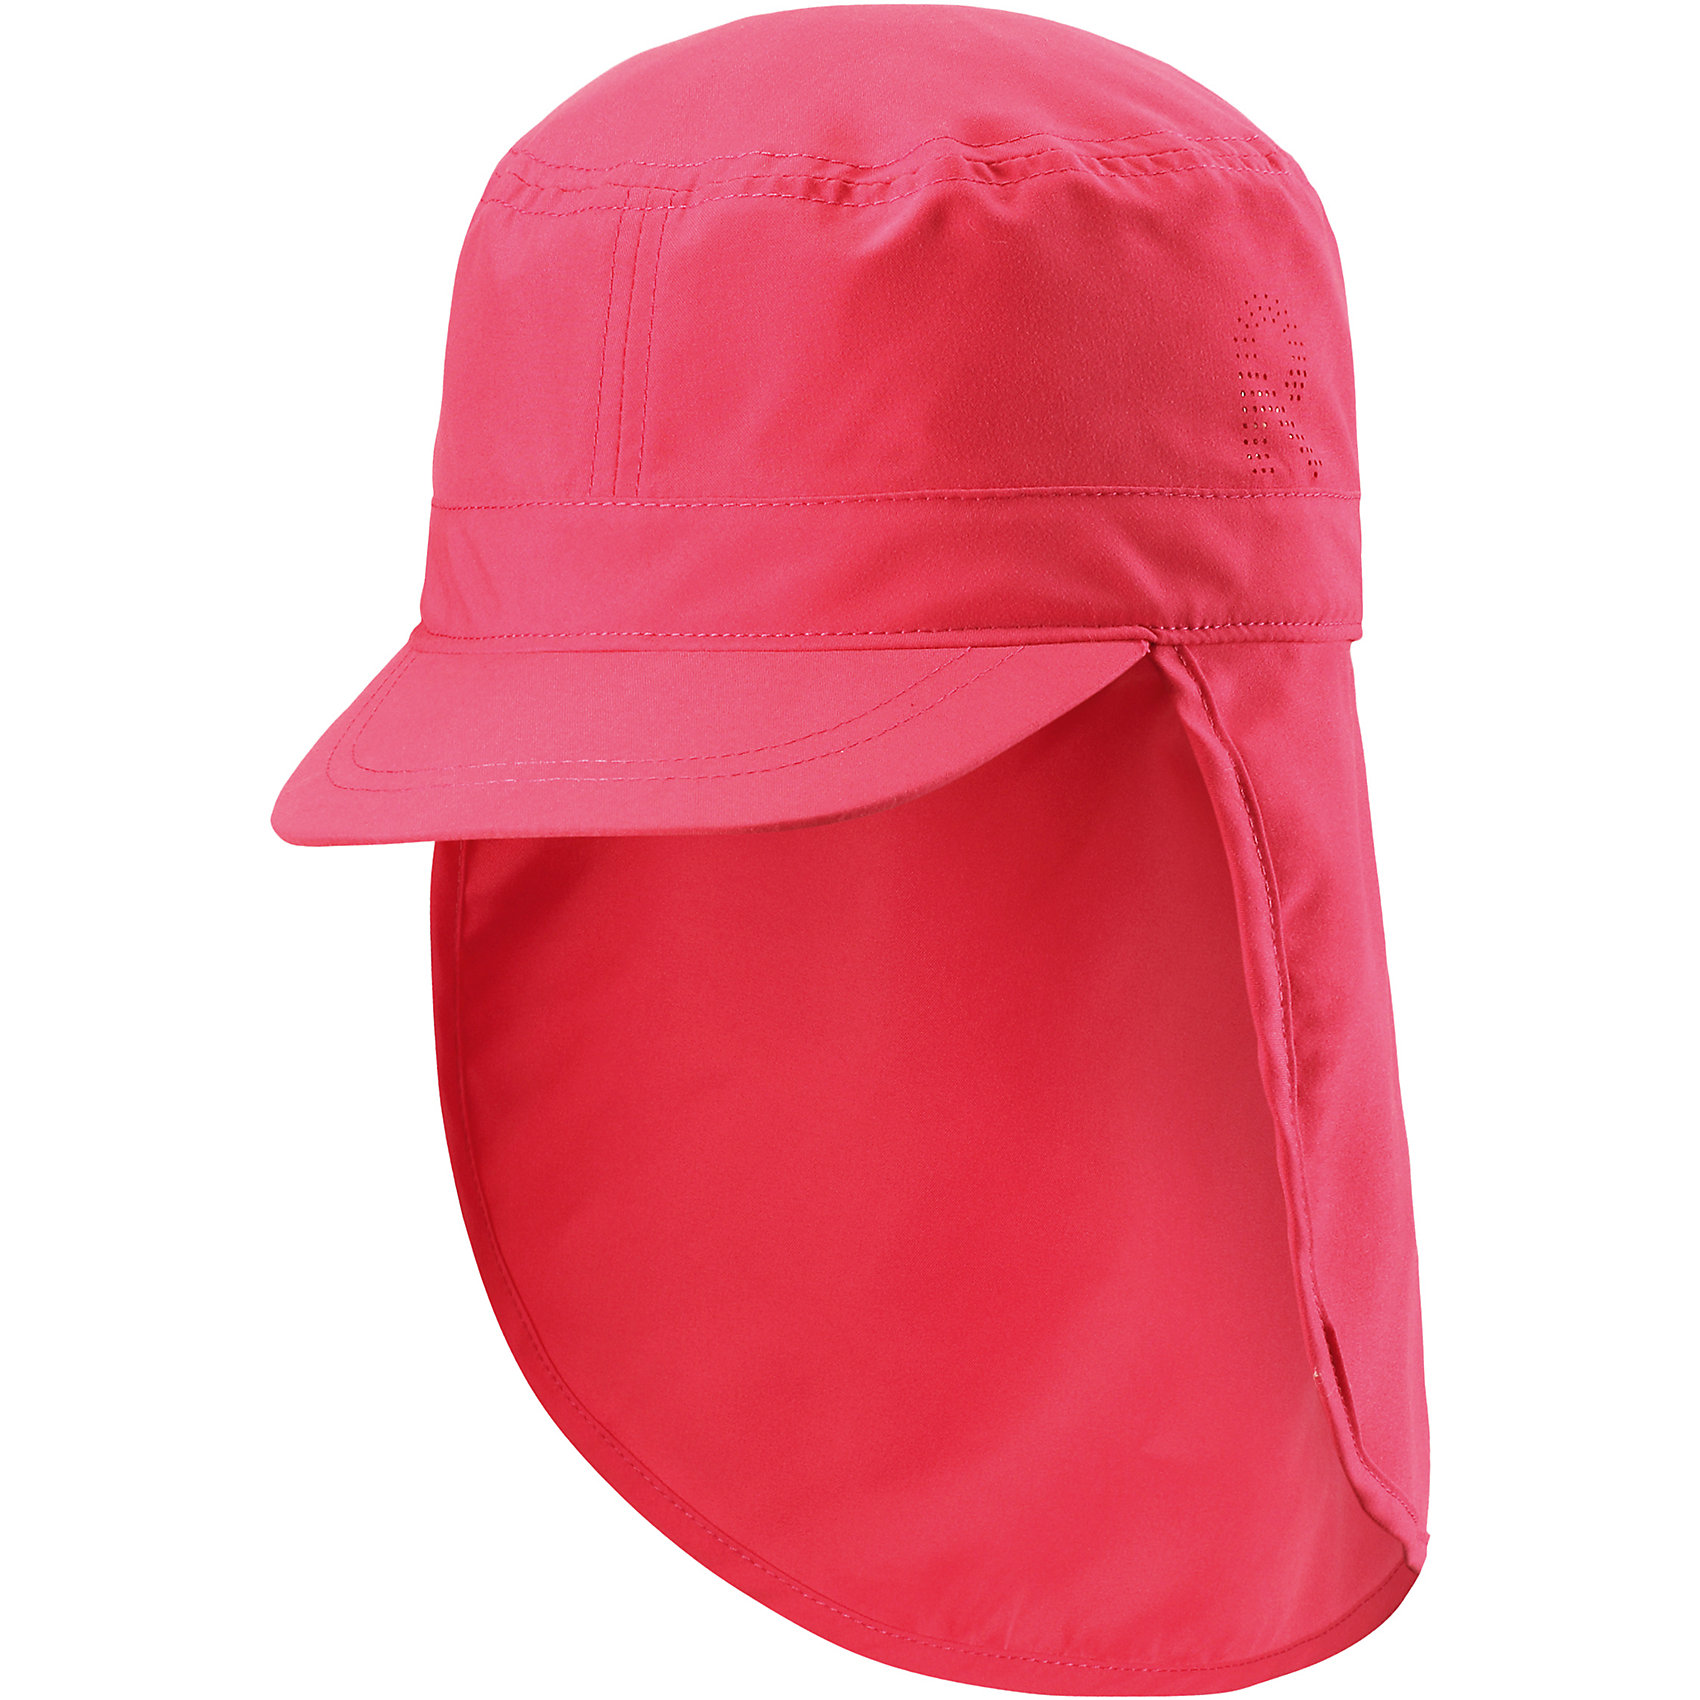 Панама для девочки ReimaШапки и шарфы<br>Характеристики товара:<br><br>• цвет: розовый<br>• состав: 100% полиэстер<br>• защитный козырек<br>• без подкладки<br>• удлиненная сзади<br>• декоративный логотип<br>• фактор защиты от ультрафиолета: 50+<br>• комфортная посадка<br>• страна производства: Китай<br>• страна бренда: Финляндия<br>• коллекция: весна-лето 2017<br><br>Детский головной убор может быть модным и удобным одновременно! Стильная панама поможет обеспечить ребенку комфорт и дополнить наряд. Она отлично смотрится с различной одеждой. Панама удобно сидит и аккуратно выглядит. Проста в уходе, долго служит. Стильный дизайн разрабатывался специально для детей. Отличная защита от солнца!<br><br>Одежда и обувь от финского бренда Reima пользуется популярностью во многих странах. Эти изделия стильные, качественные и удобные. Для производства продукции используются только безопасные, проверенные материалы и фурнитура. Порадуйте ребенка модными и красивыми вещами от Reima! <br><br>Панаму для мальчика от финского бренда Reima (Рейма) можно купить в нашем интернет-магазине.<br><br>Ширина мм: 89<br>Глубина мм: 117<br>Высота мм: 44<br>Вес г: 155<br>Цвет: розовый<br>Возраст от месяцев: 9<br>Возраст до месяцев: 18<br>Пол: Женский<br>Возраст: Детский<br>Размер: 48,56,54,52,50<br>SKU: 5267760